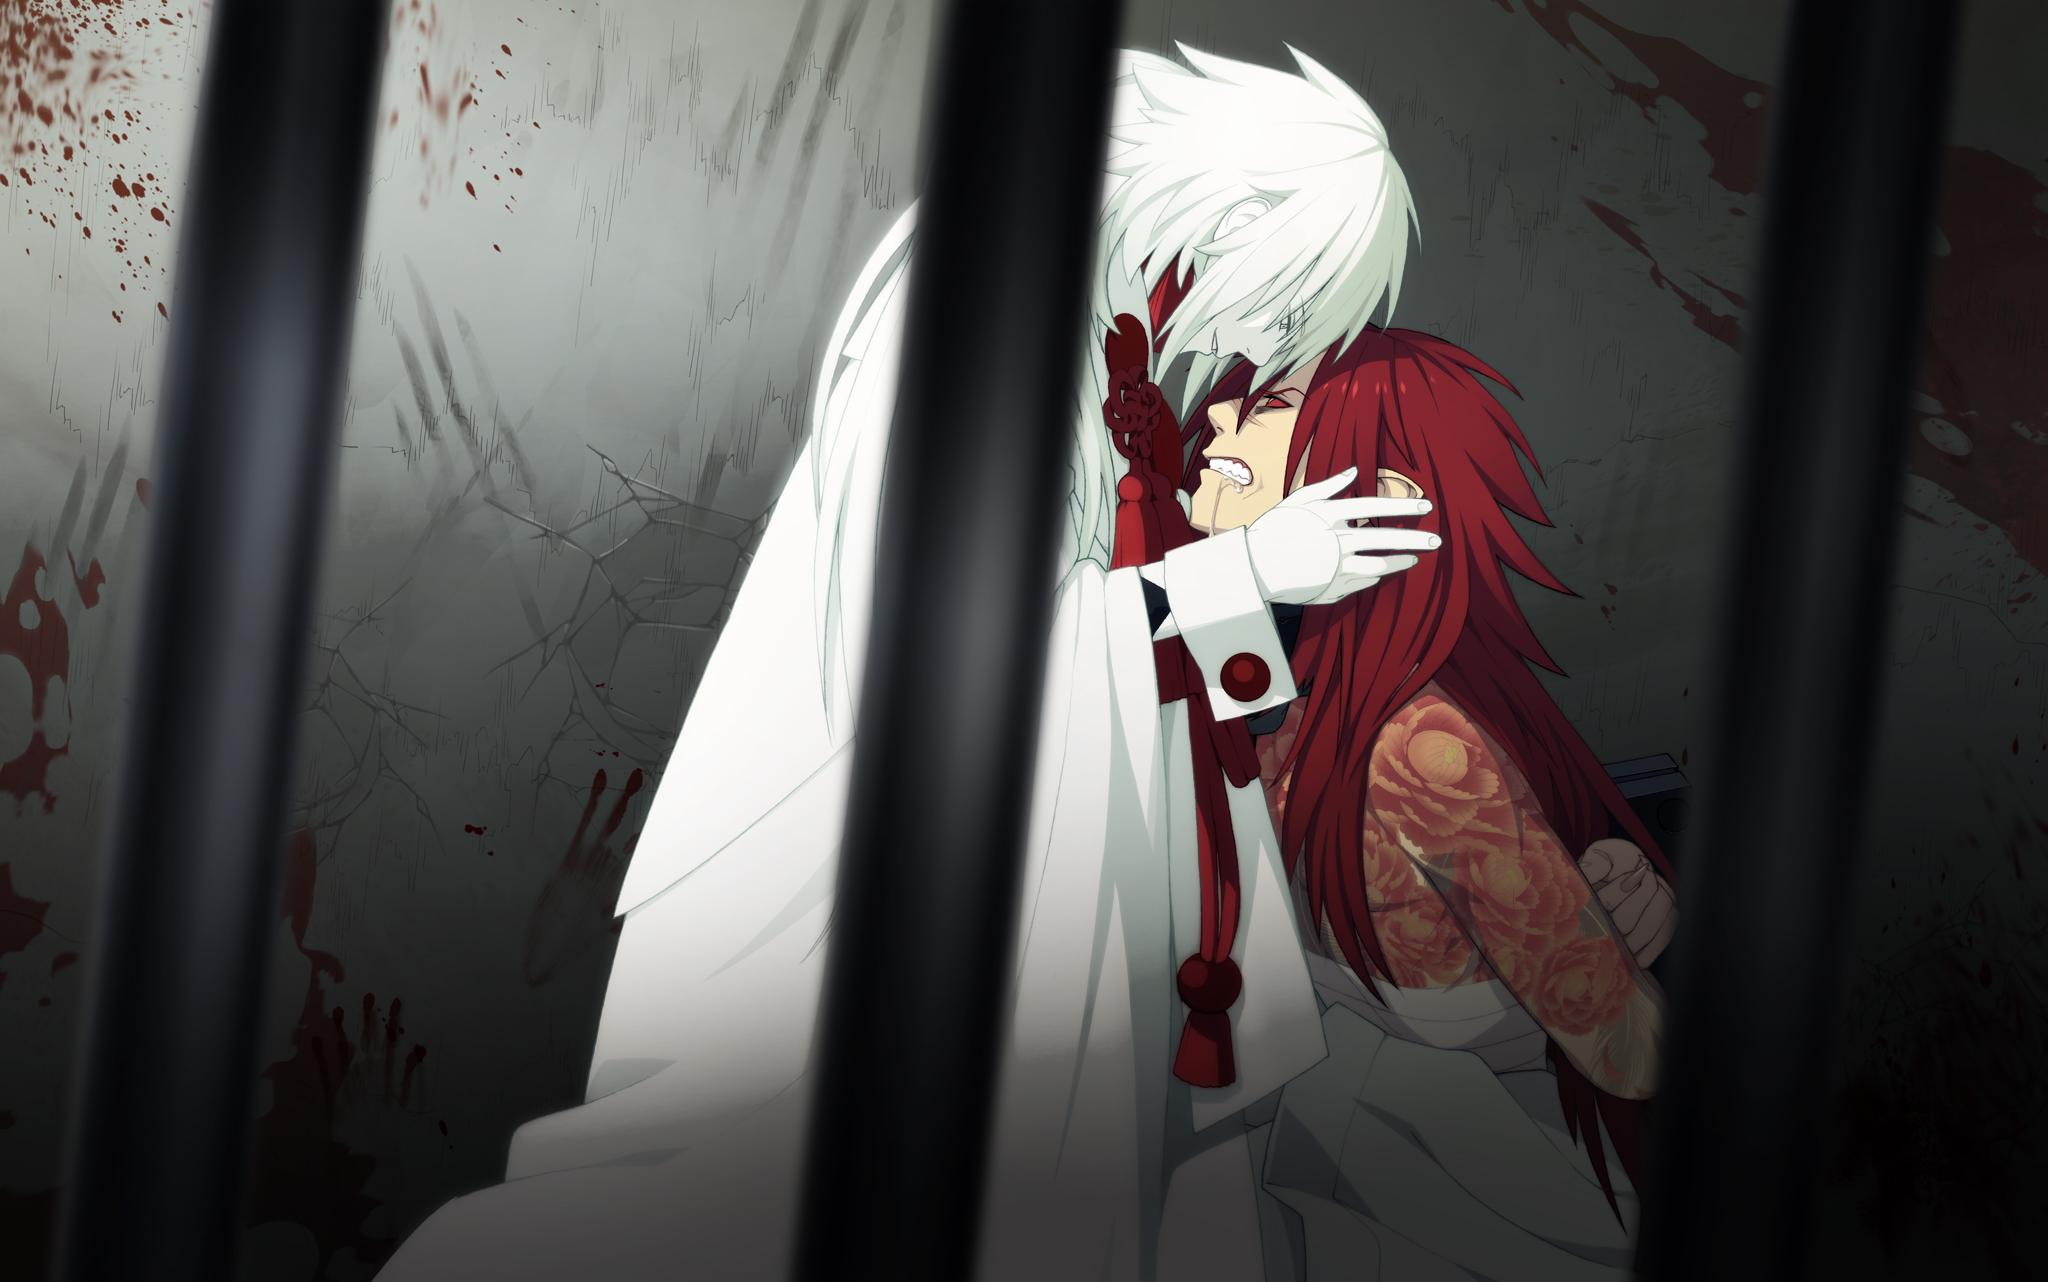 Картинки аниме убийство парней